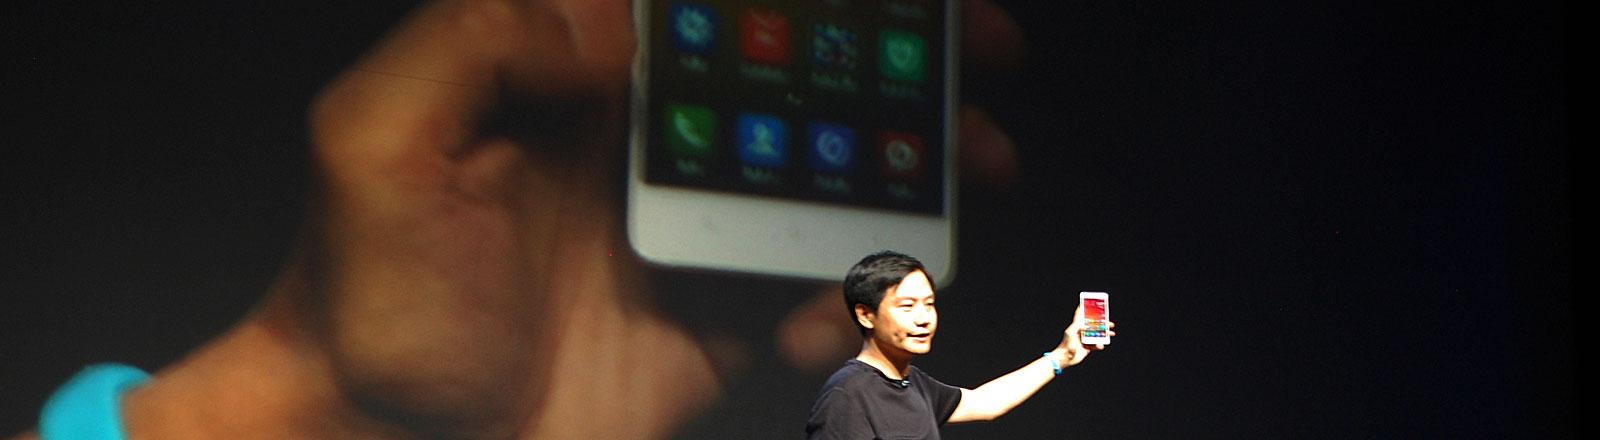 Xiaomi-Chef Lei Jun präsentiert am 22.07.2014 in Peking ein neues Xiaomi-Smartphone.